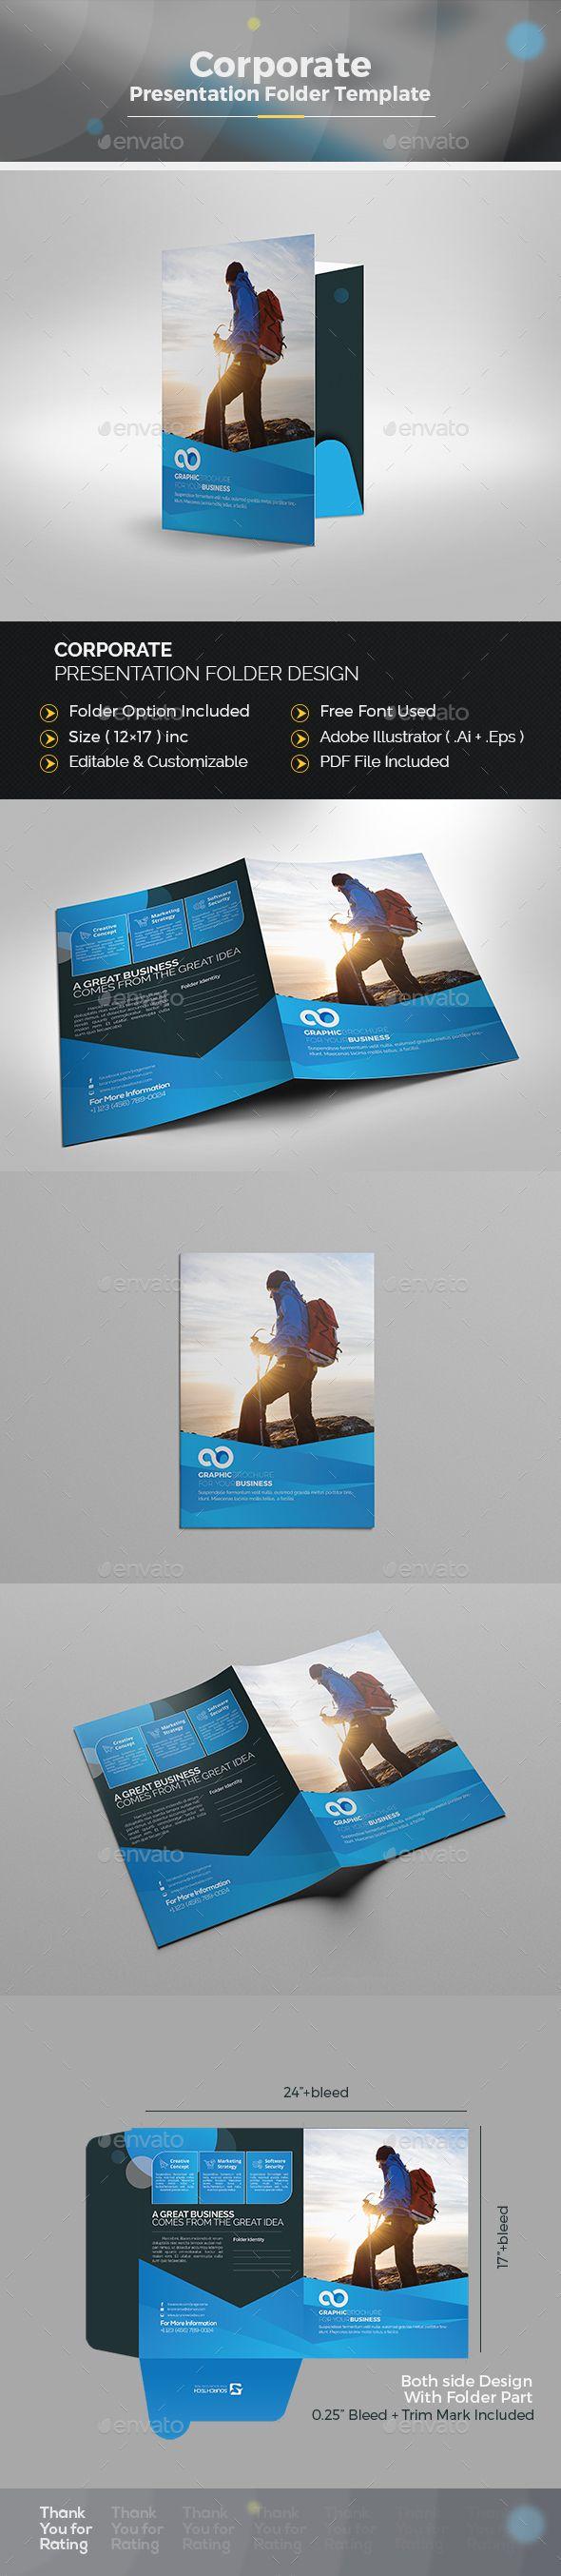 56 best presentation folder images on pinterest | presentation, Presentation templates